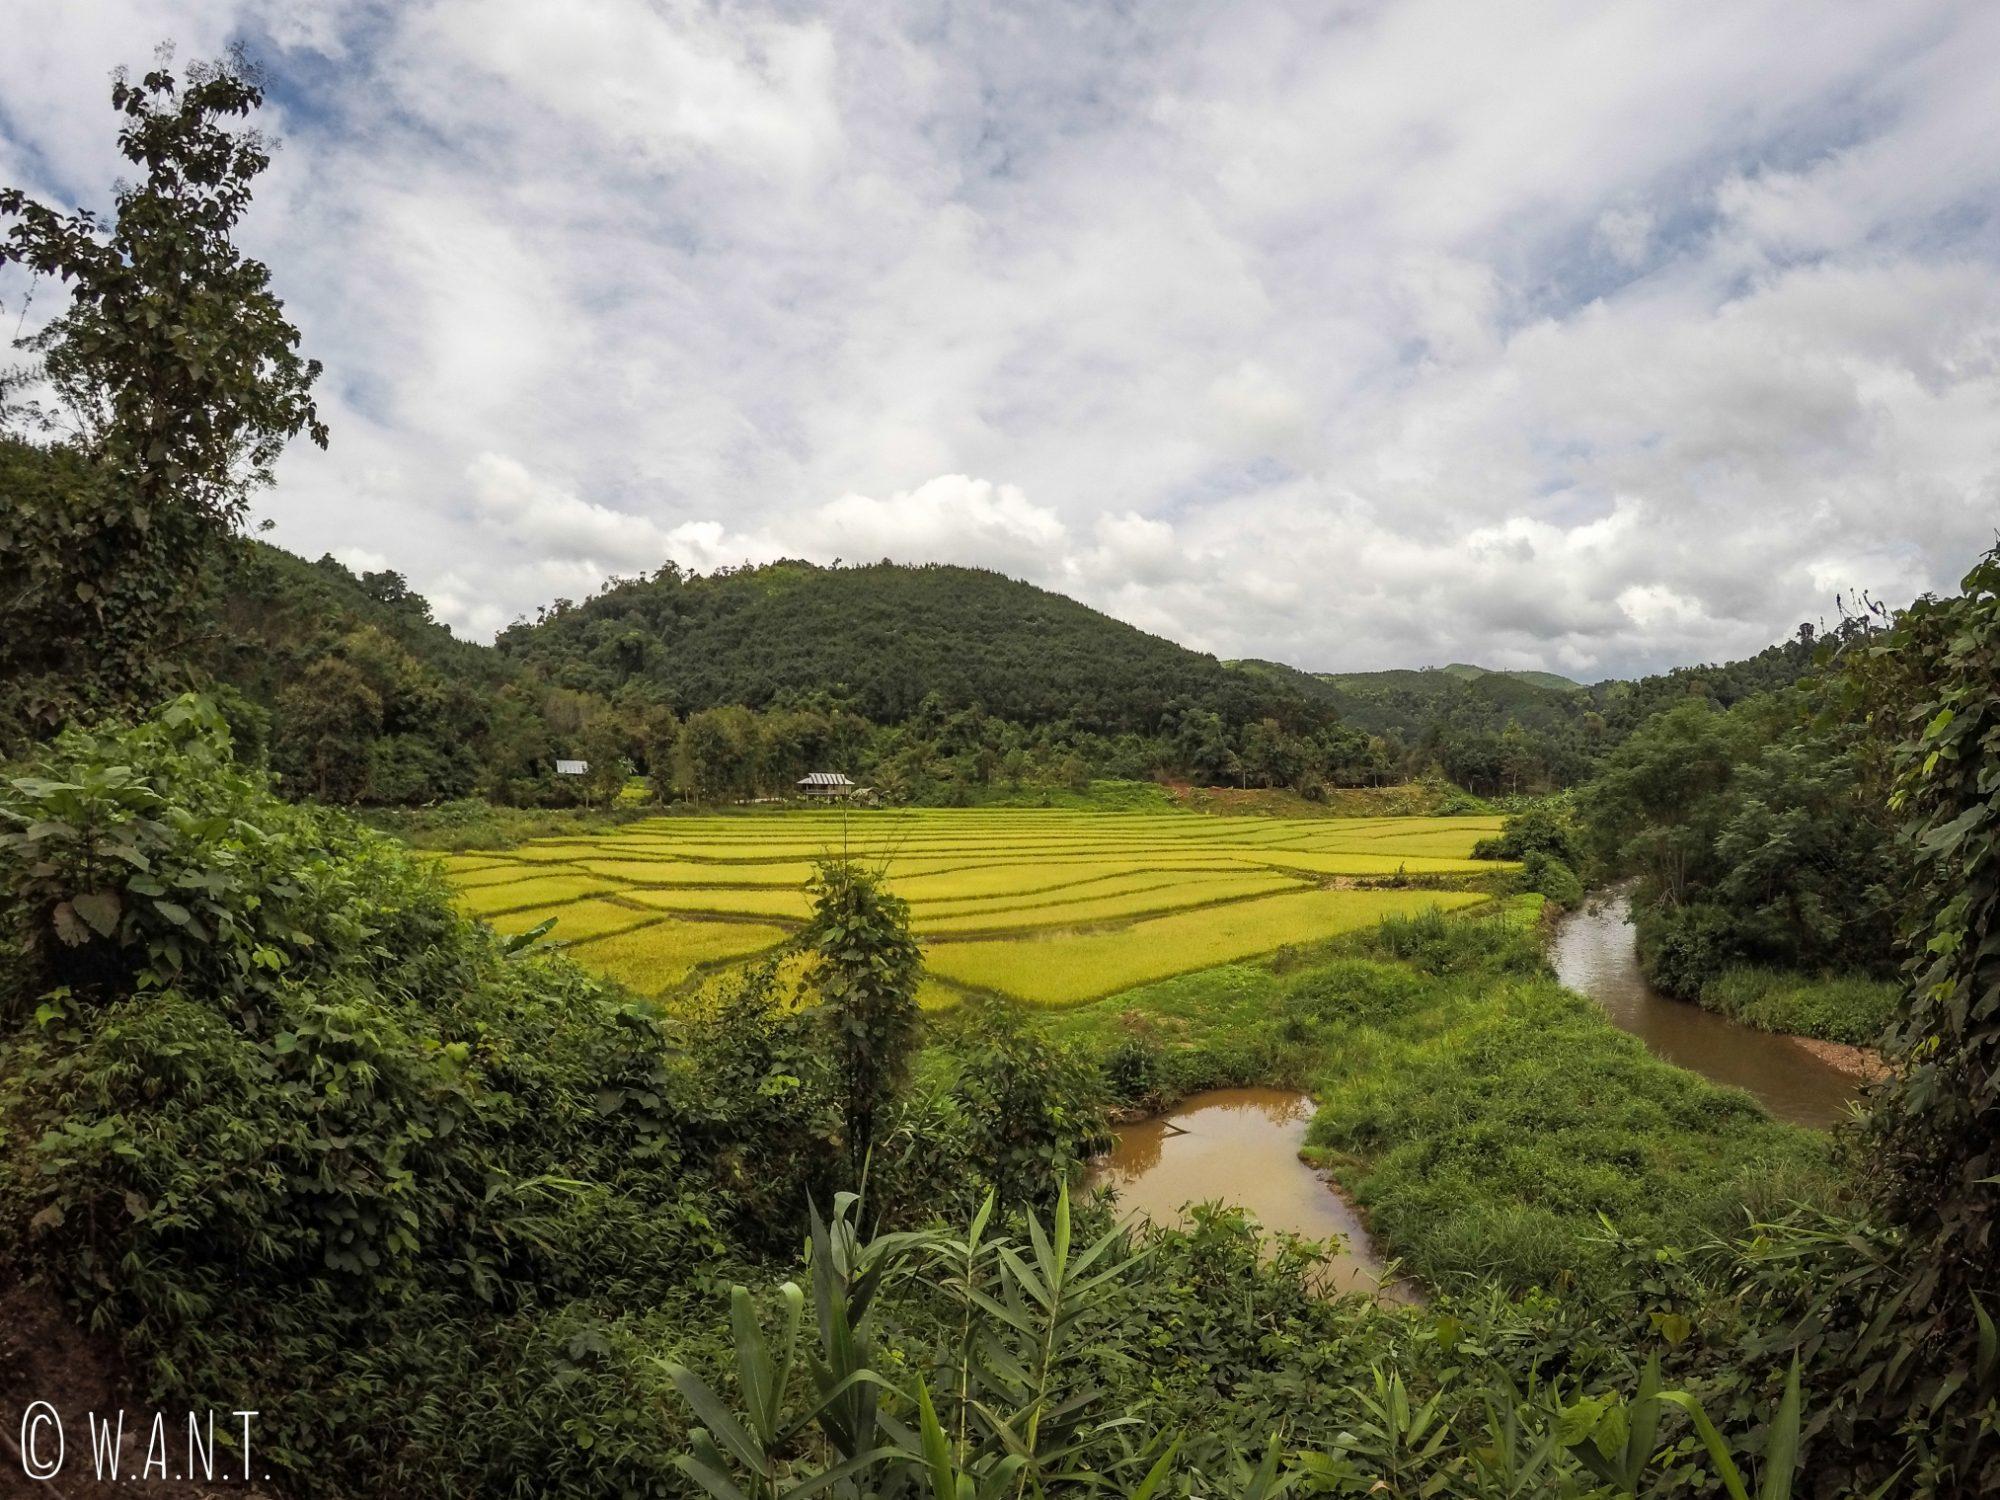 Magnifique paysage en bord de route entre Luang Namtha et Muang Sing